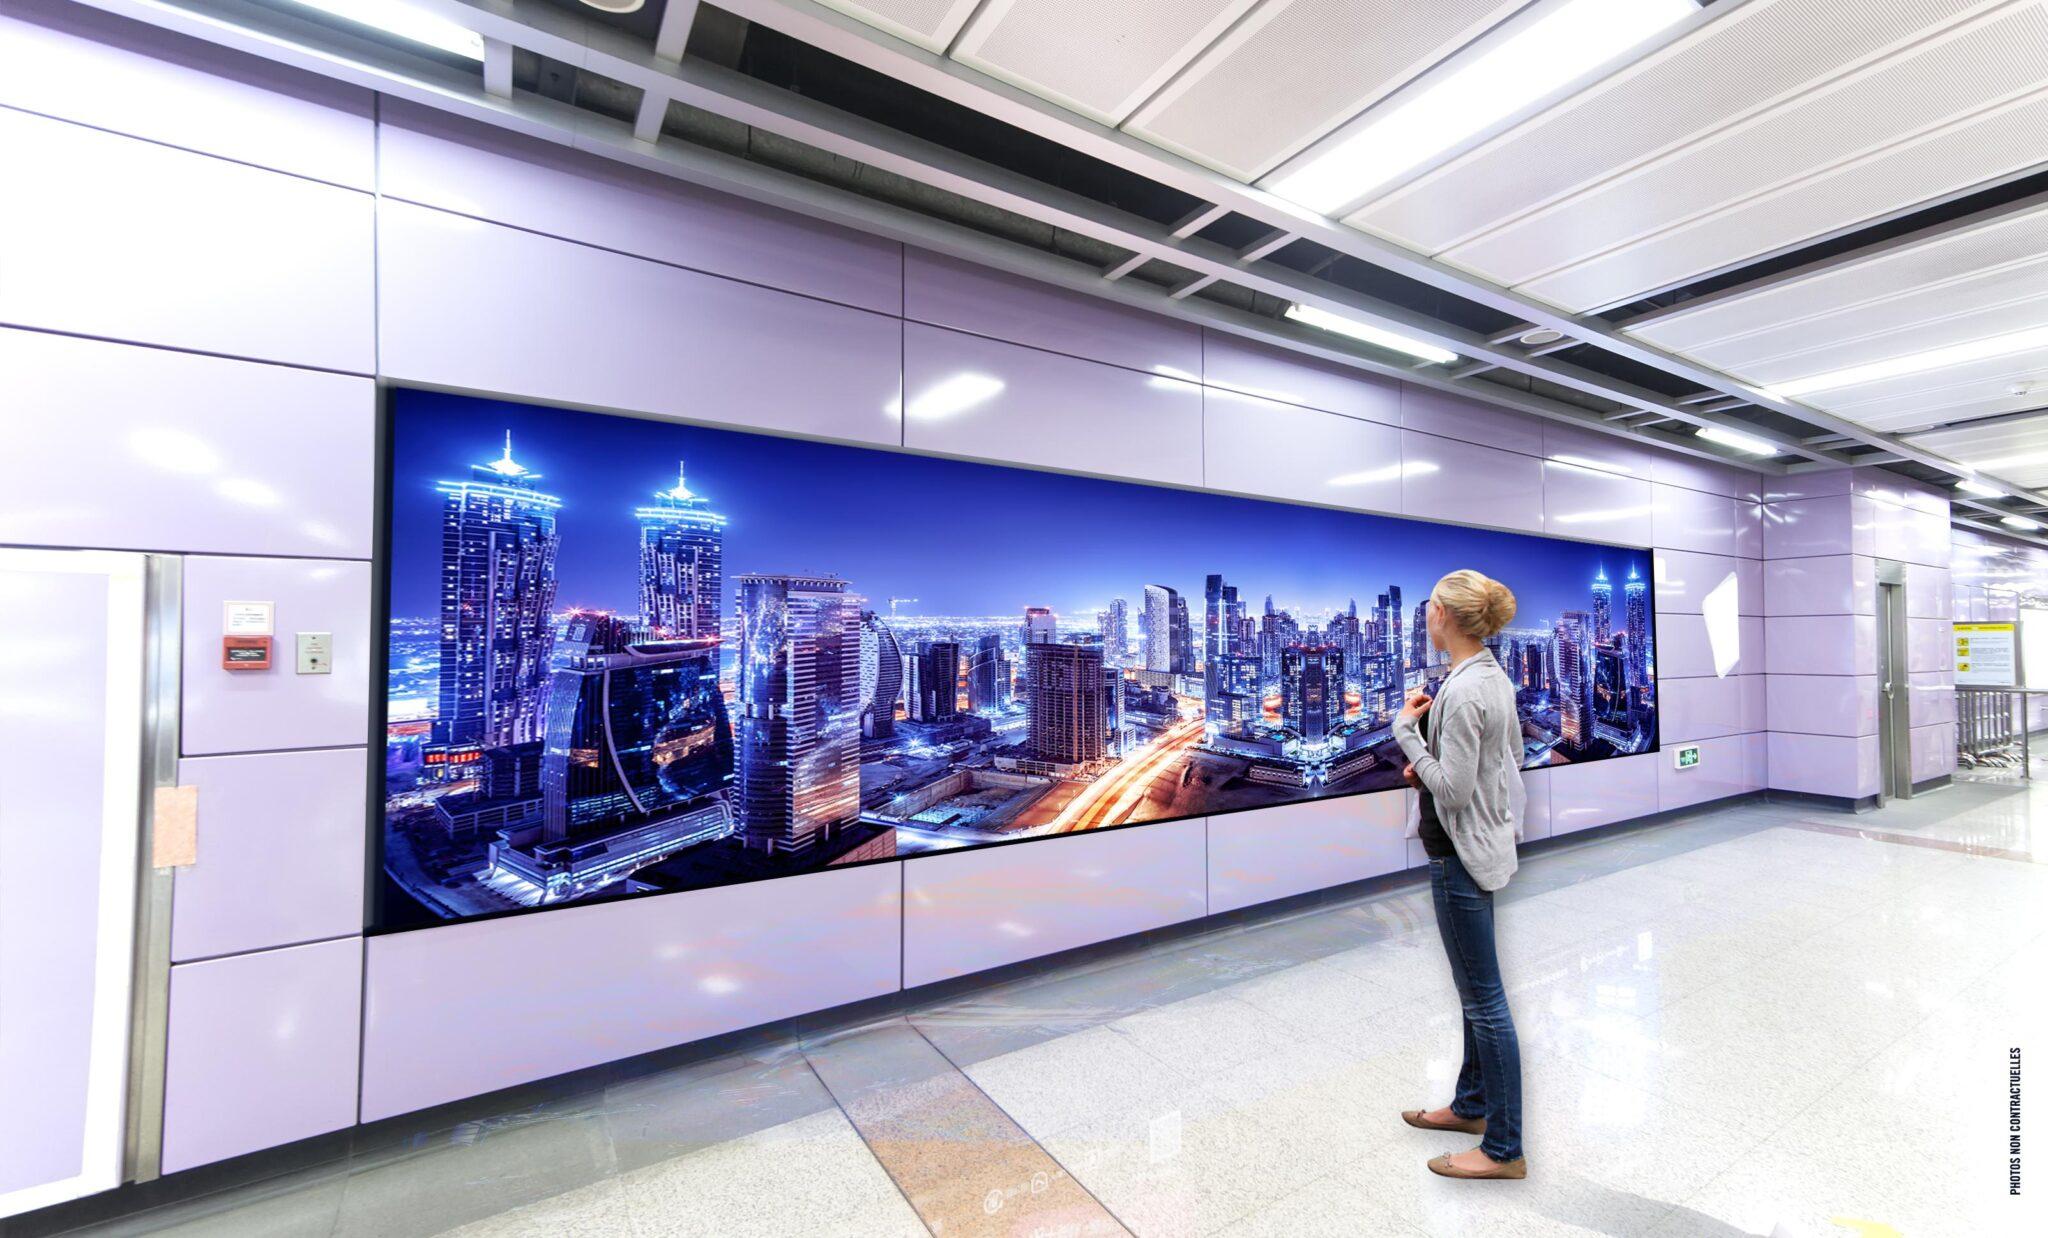 Les dalles écran géant à LED SHENZHEN Multimédia, ont un design innovant, grâce à la LED SMD Nouvelle Génération.